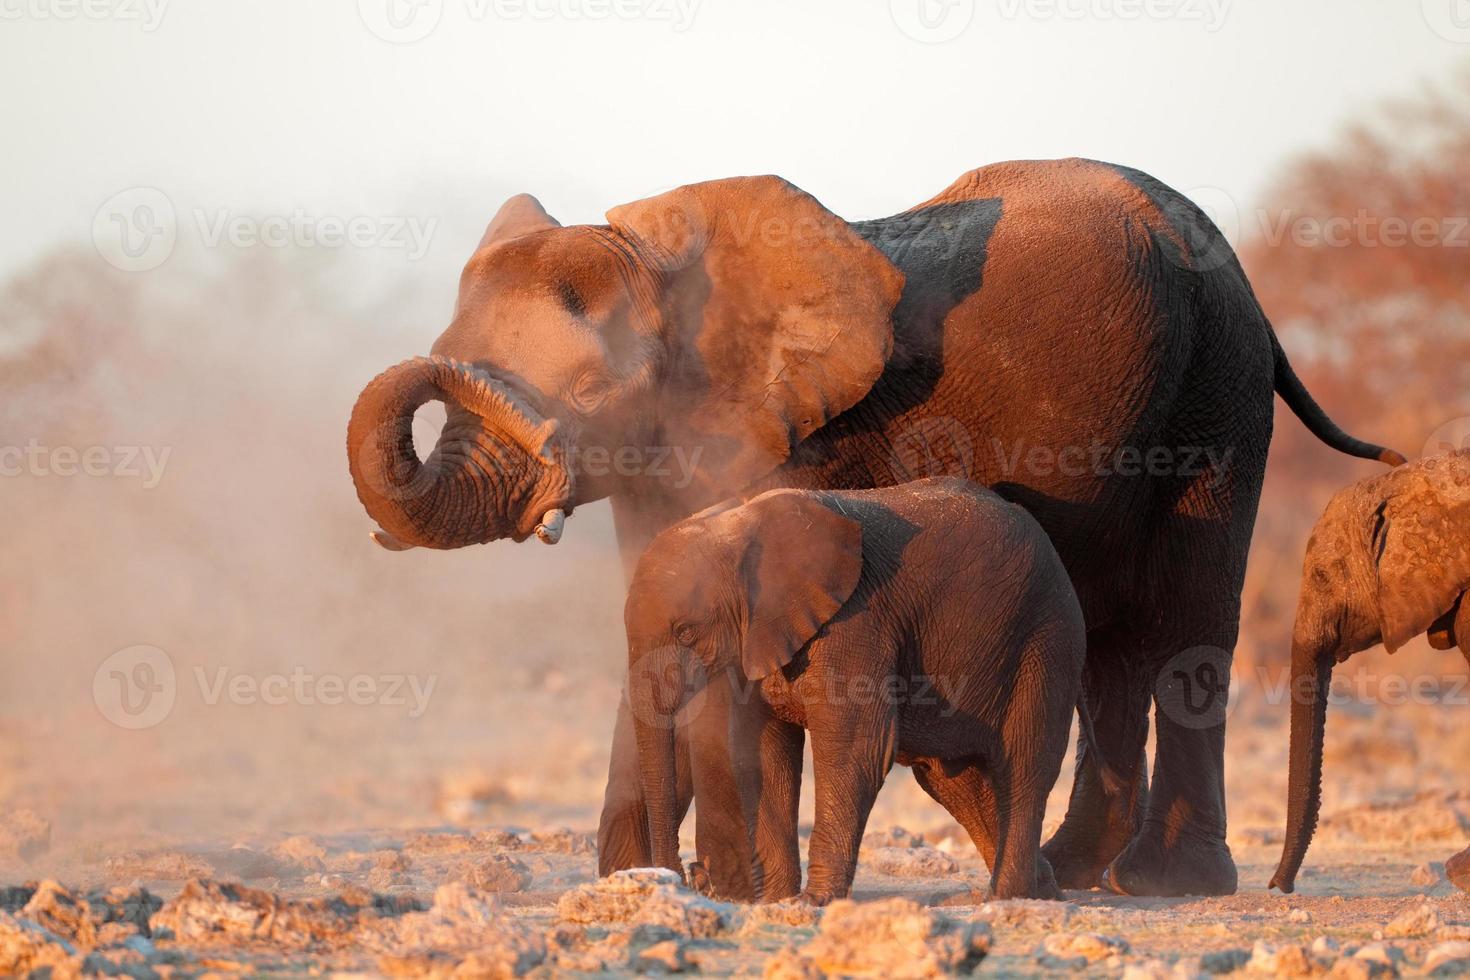 elefantes africanos cobertos de poeira foto